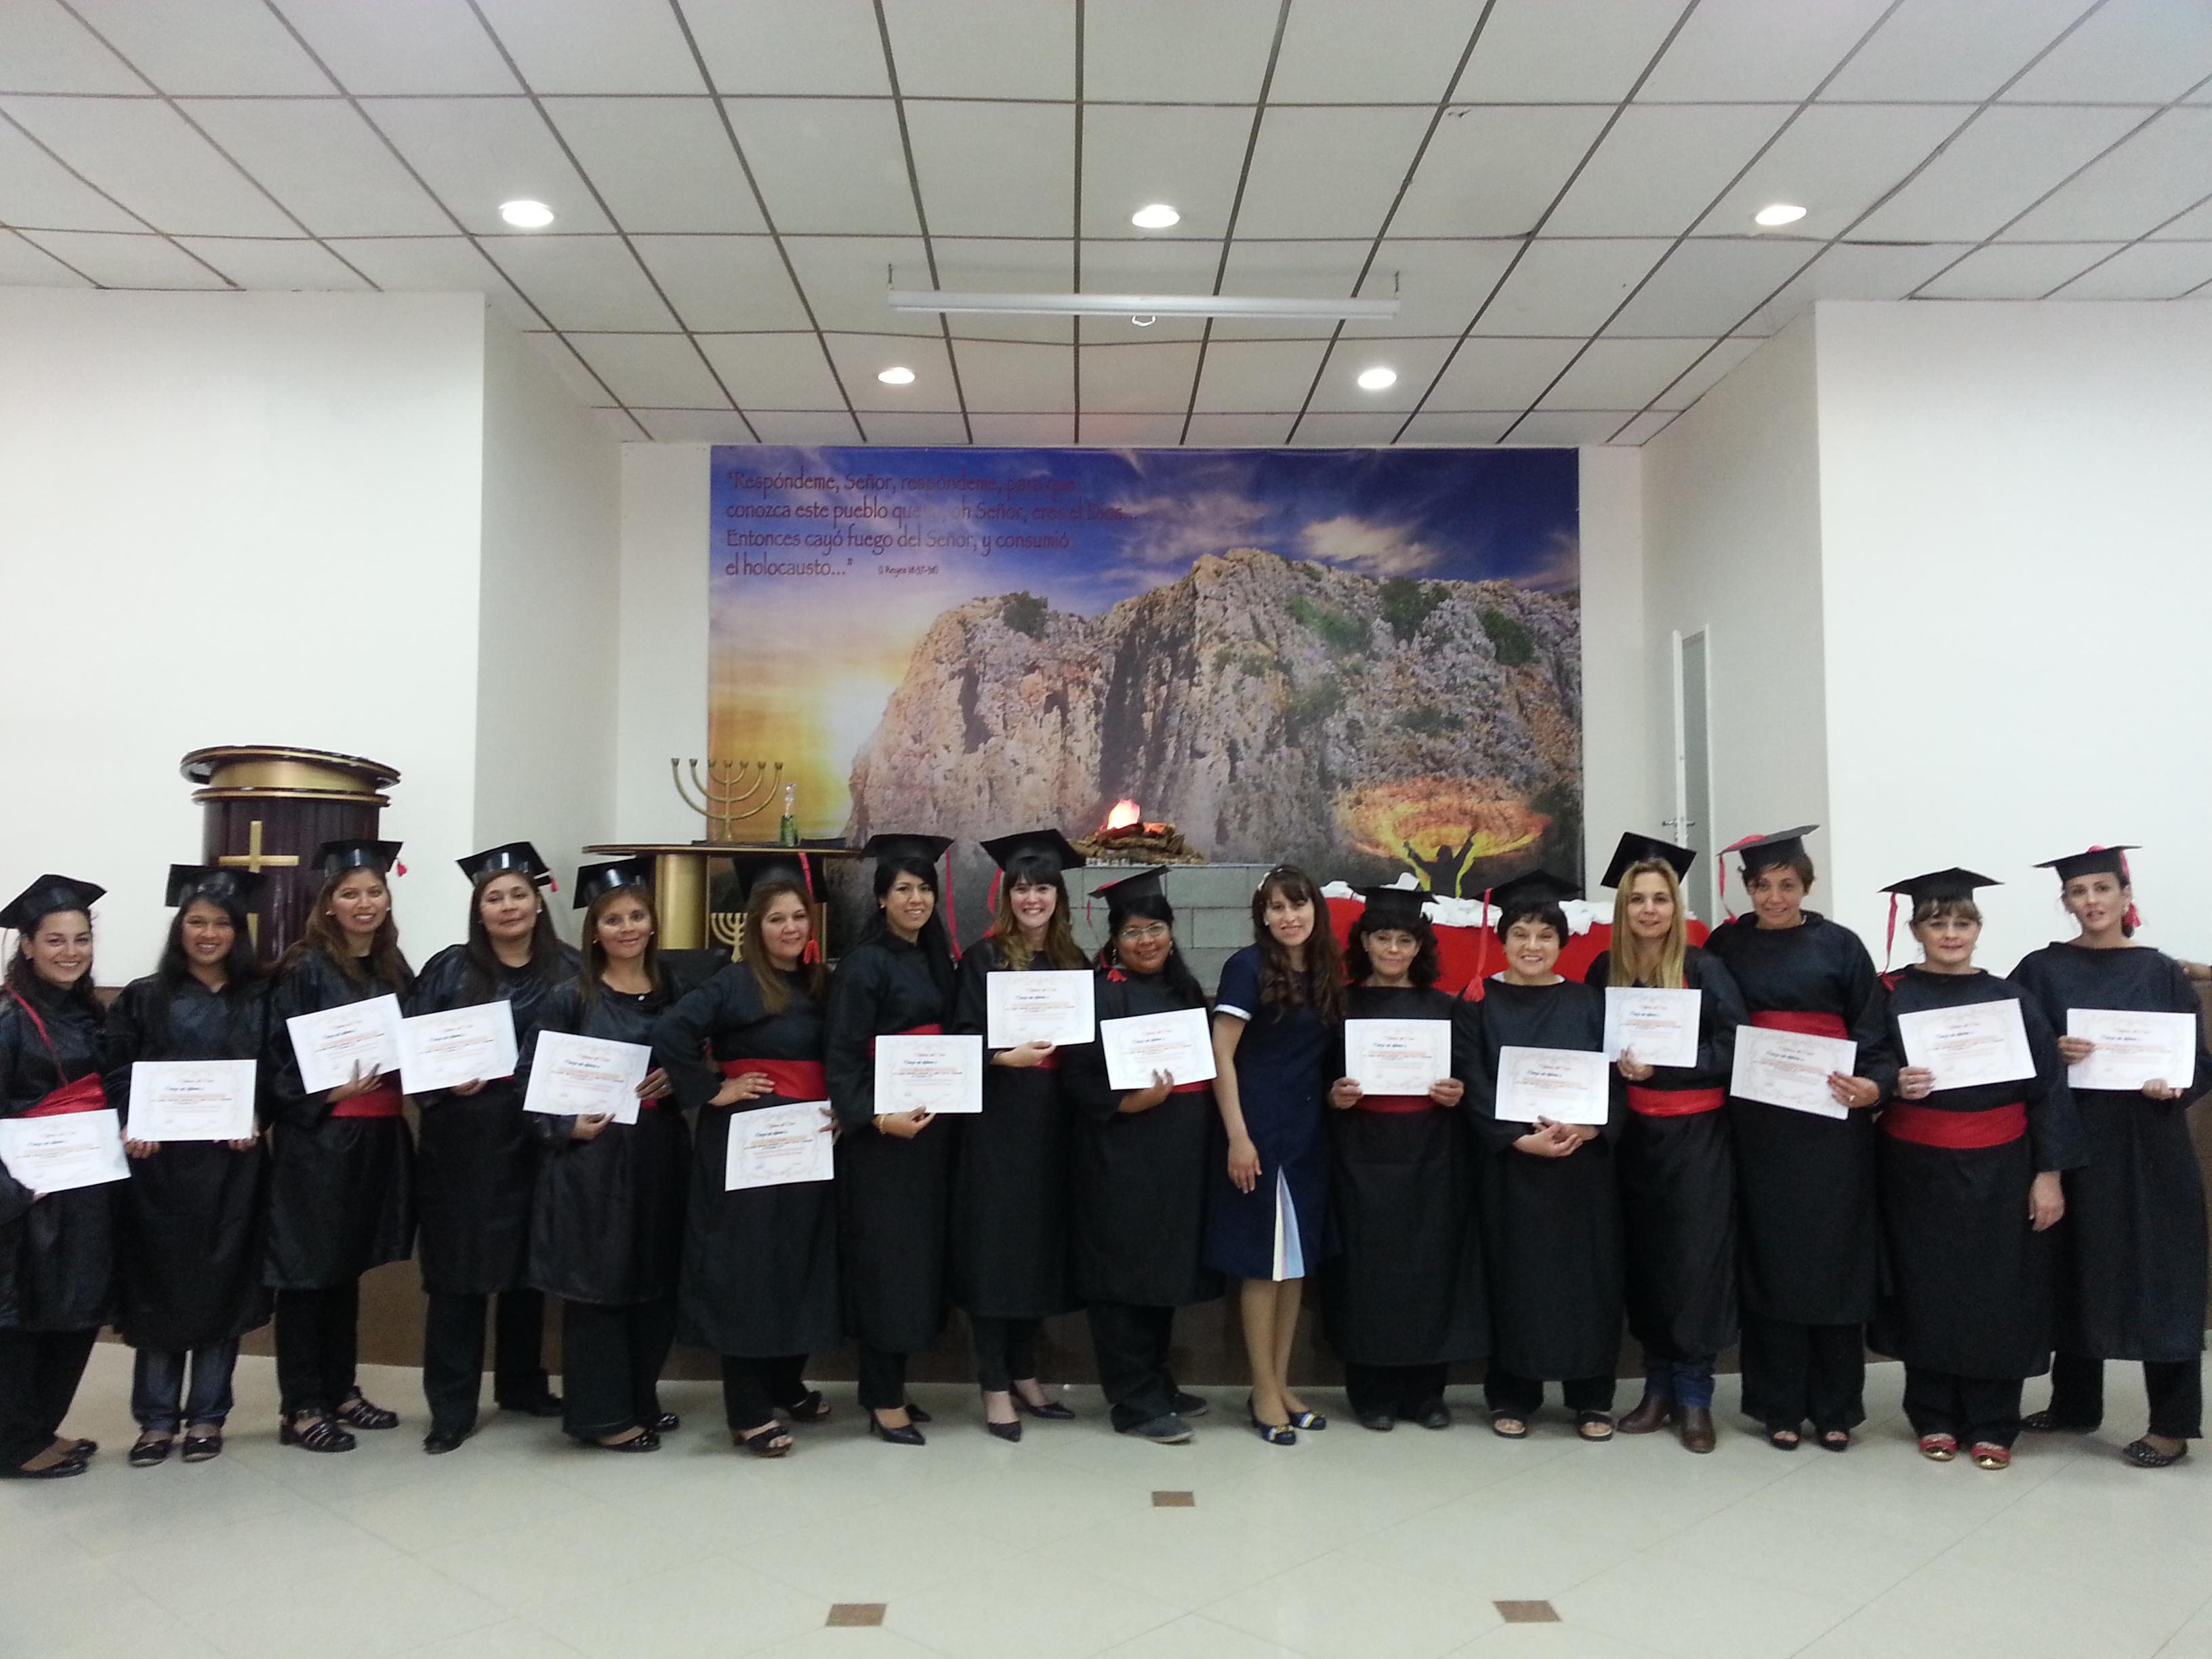 Gradución Educadoras de Reg. Trelew 2